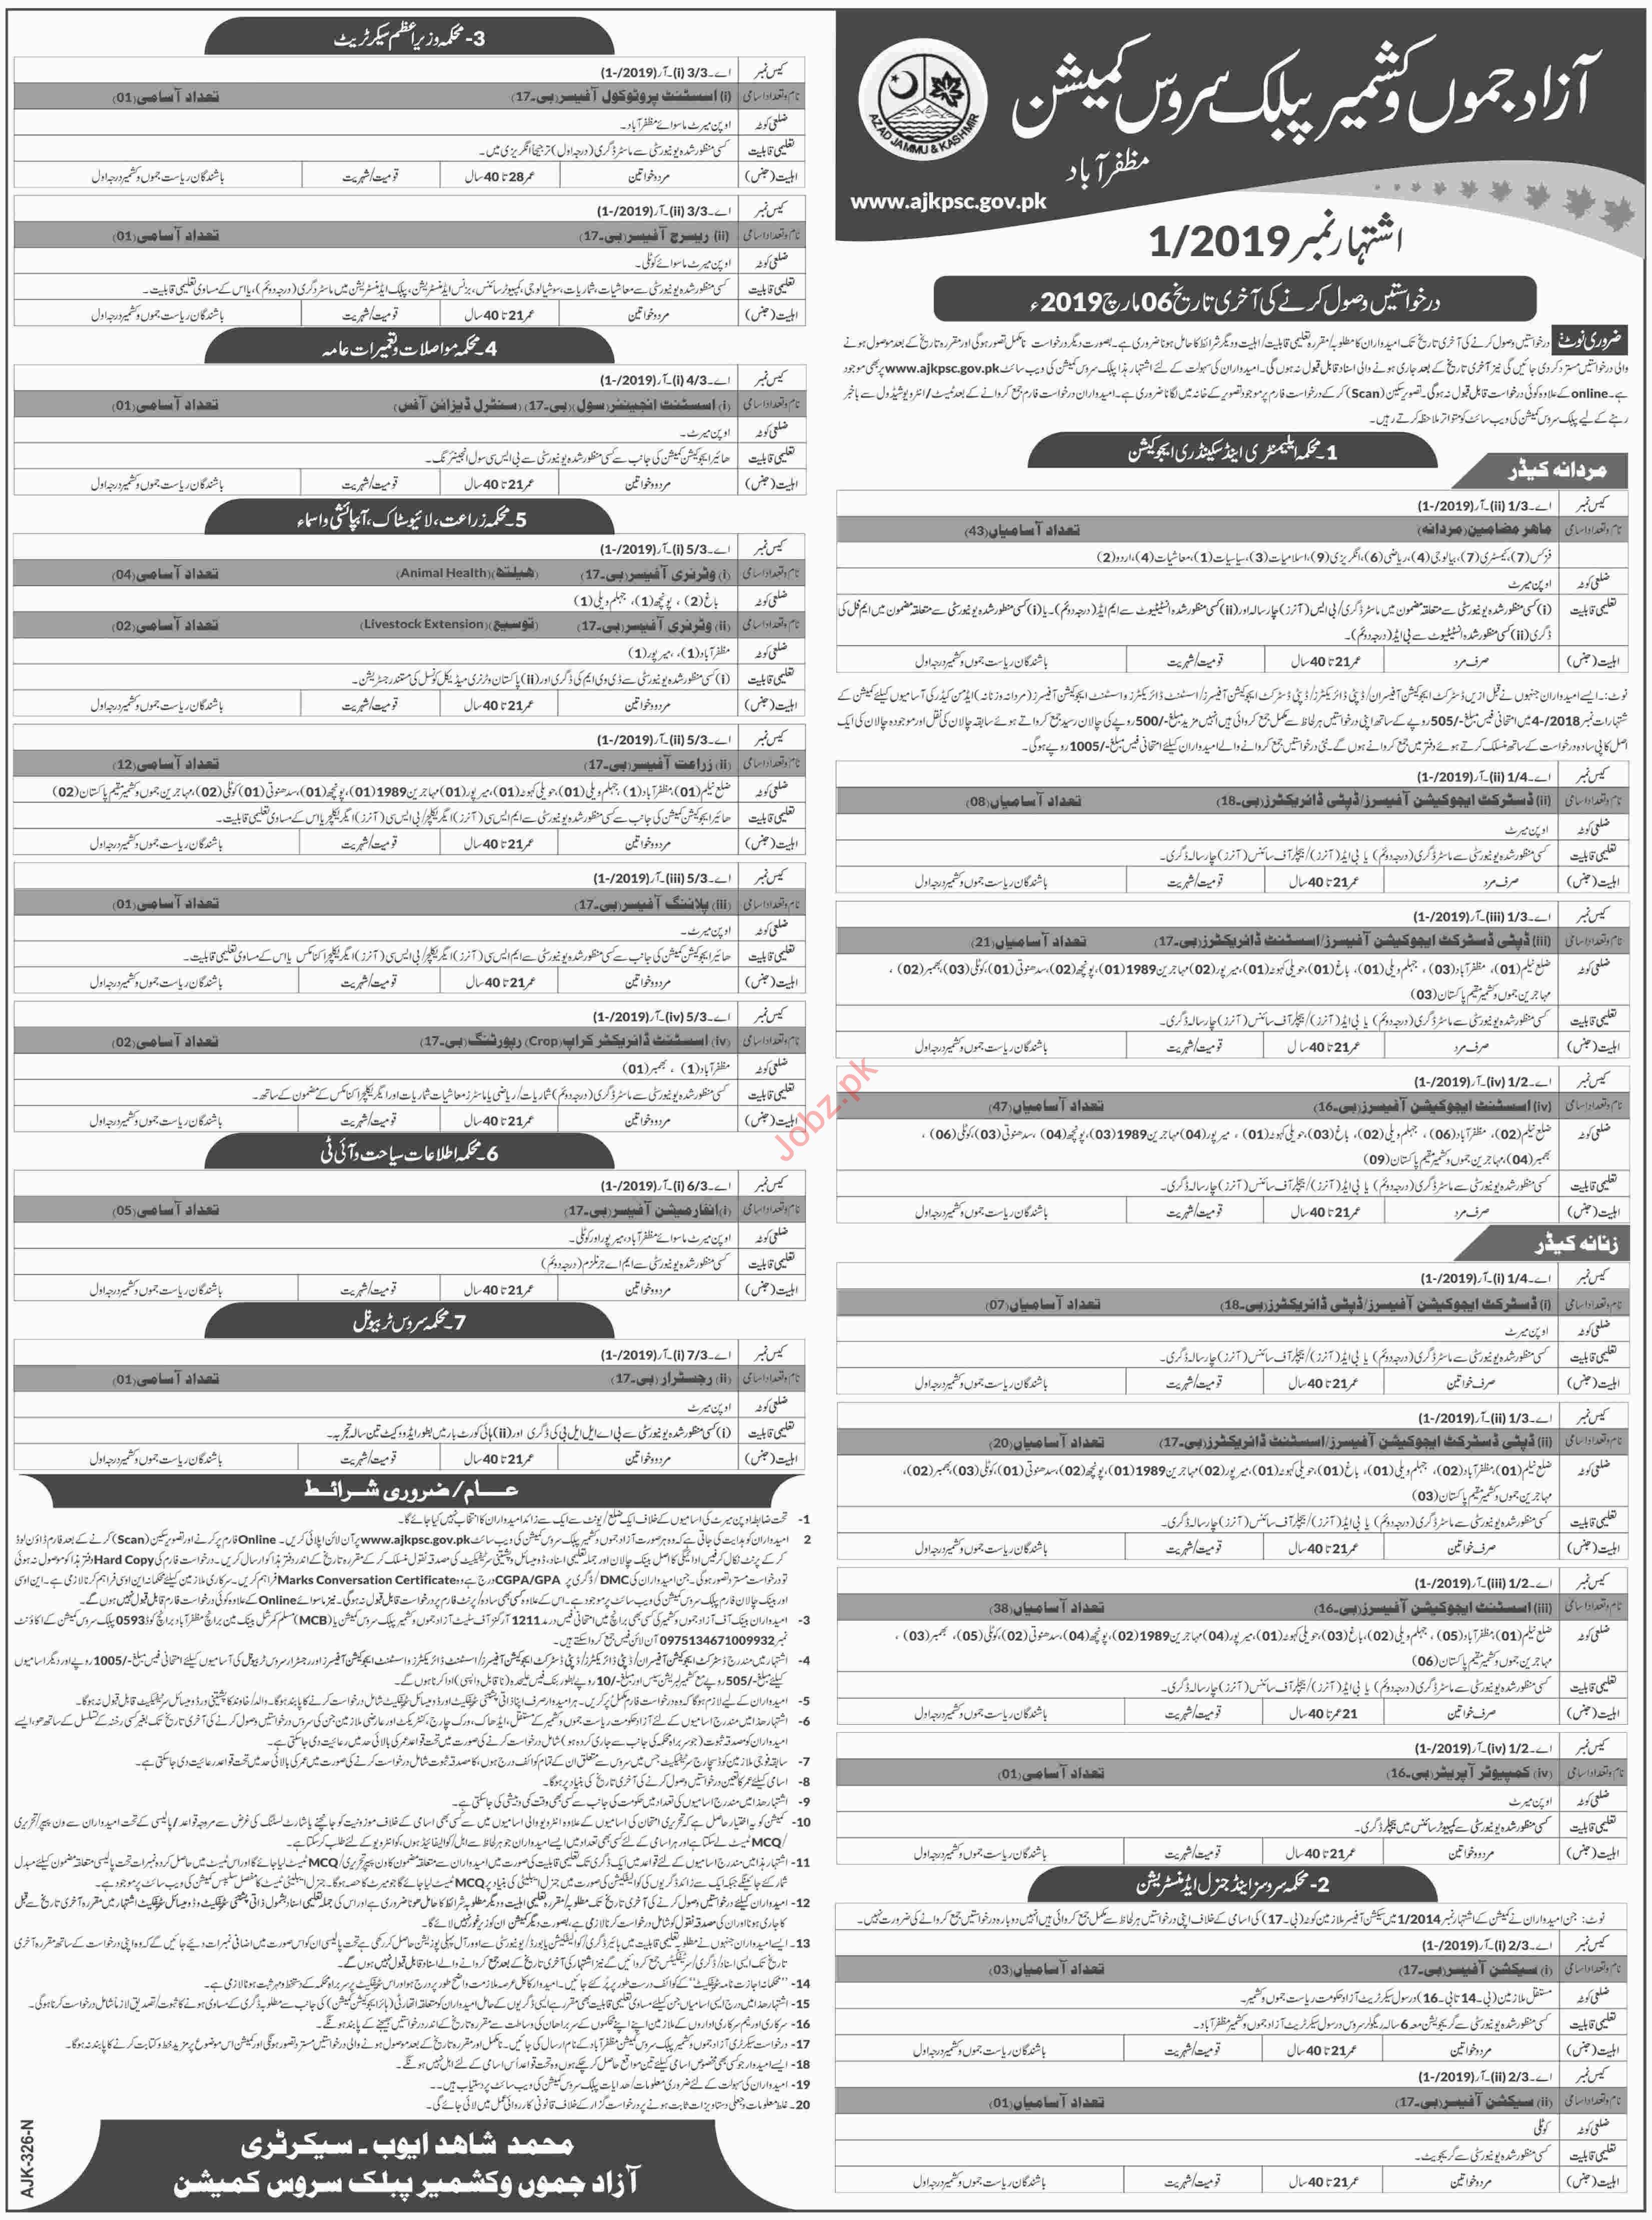 AJK Public Services Commission AJKPSC Jobs 2019